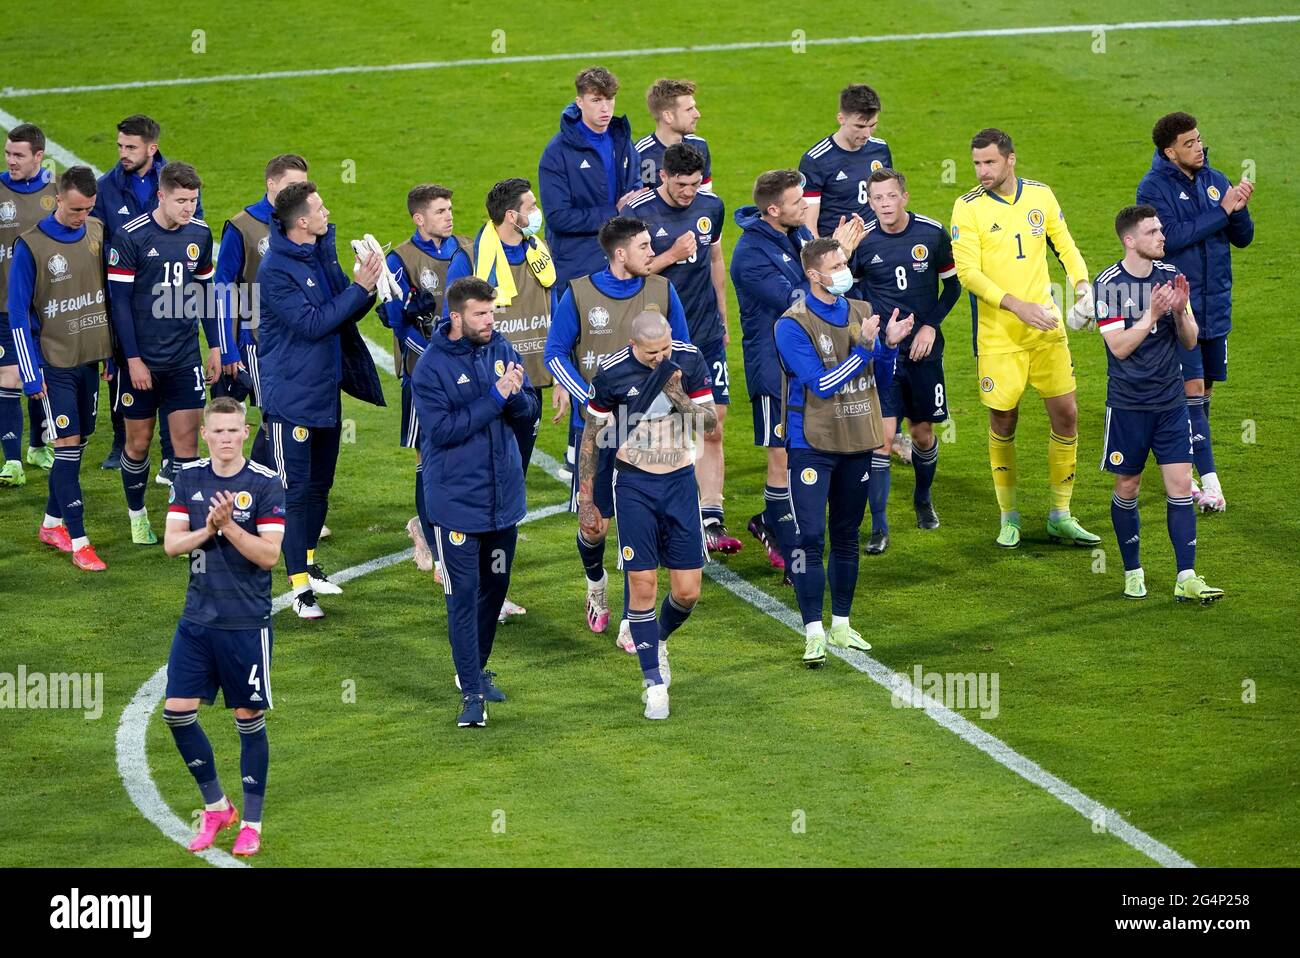 Los jugadores escoceses aplauden a los fans después del silbato final durante el partido de la UEFA EURO 2020 Grupo D en Hampden Park, Glasgow. Fecha de la foto: Martes 22 de junio de 2021. Foto de stock